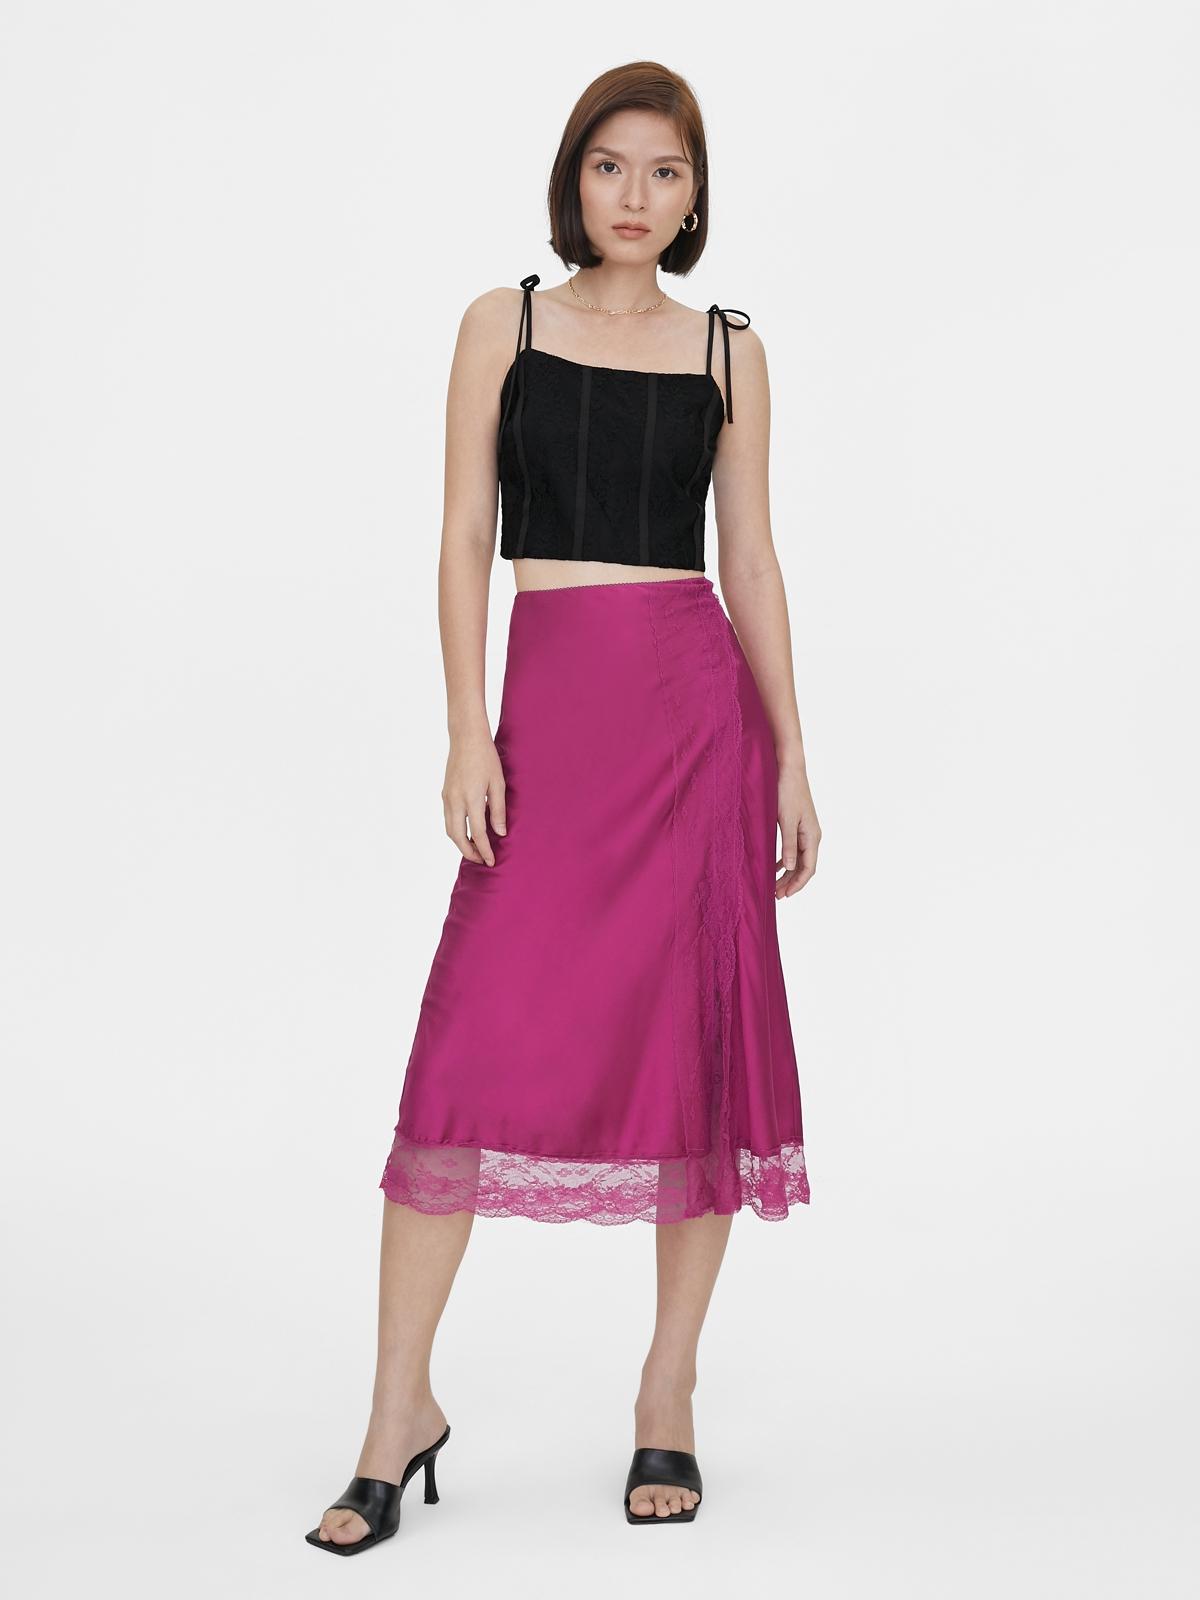 Lace Bow Tie Shoulder Crop Top Black